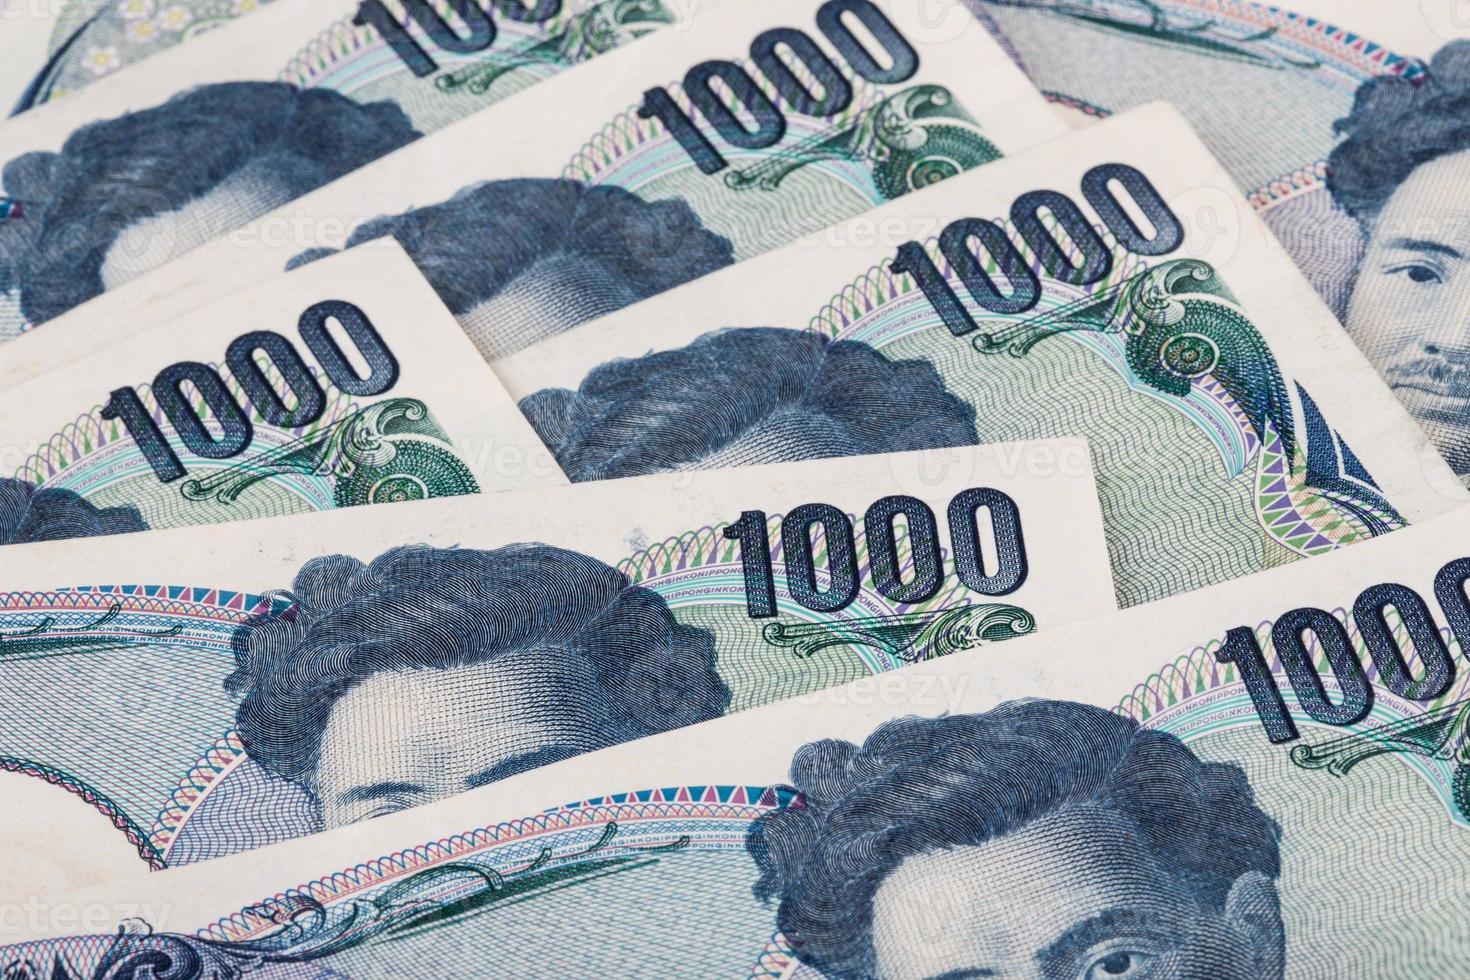 stapel Japanse valuta-yen of Japanse bankbiljetten foto